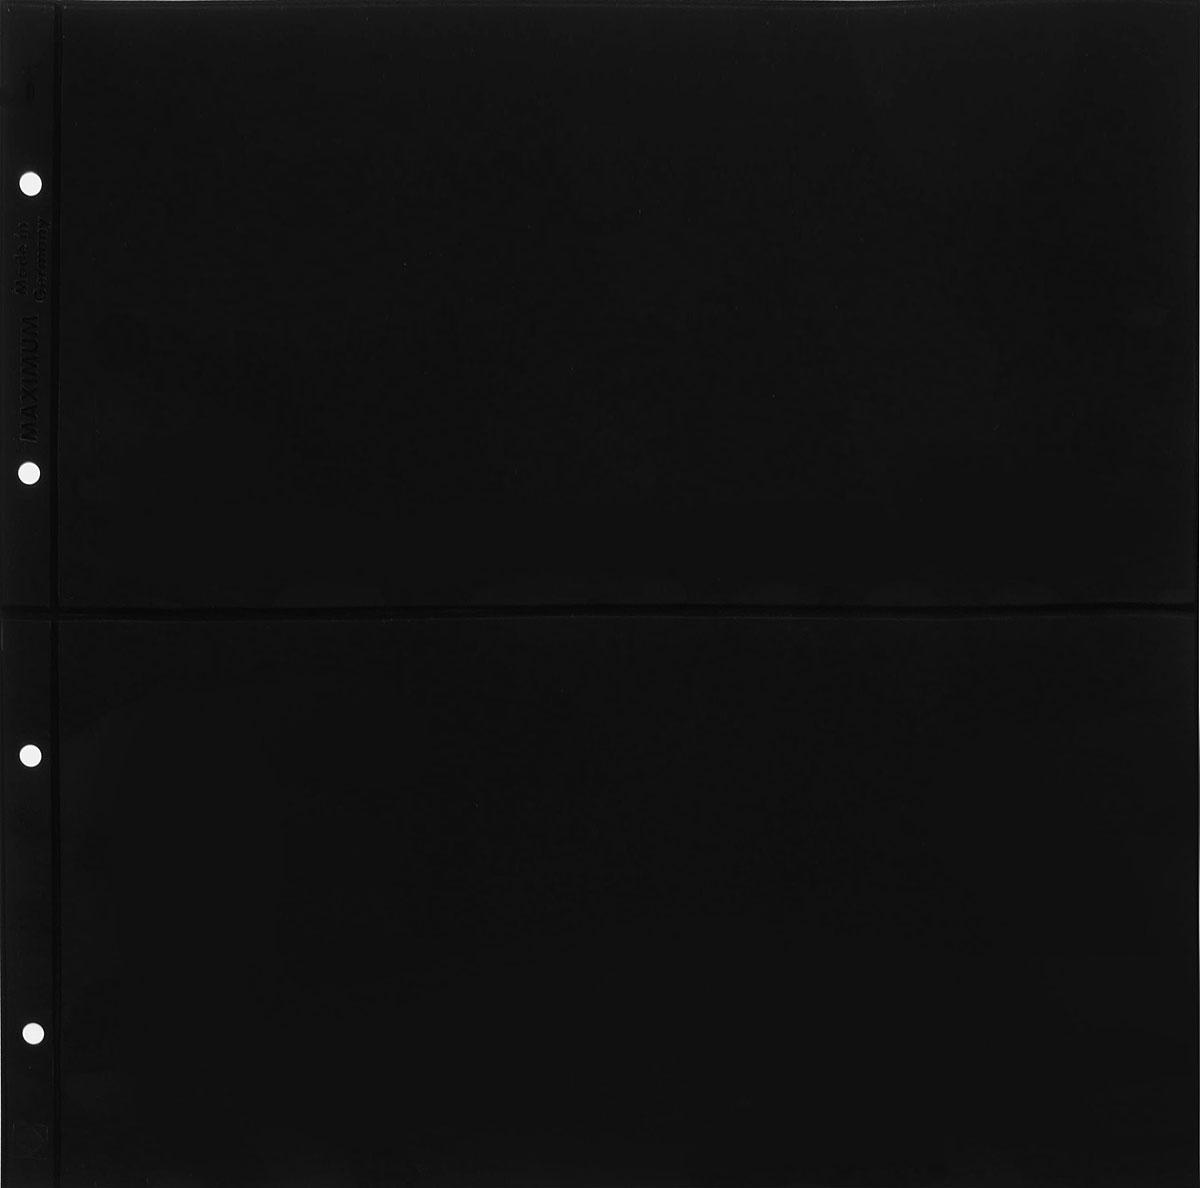 Лист в альбом Max 7S на 2 ячейки черный (10 листов в упаковке)